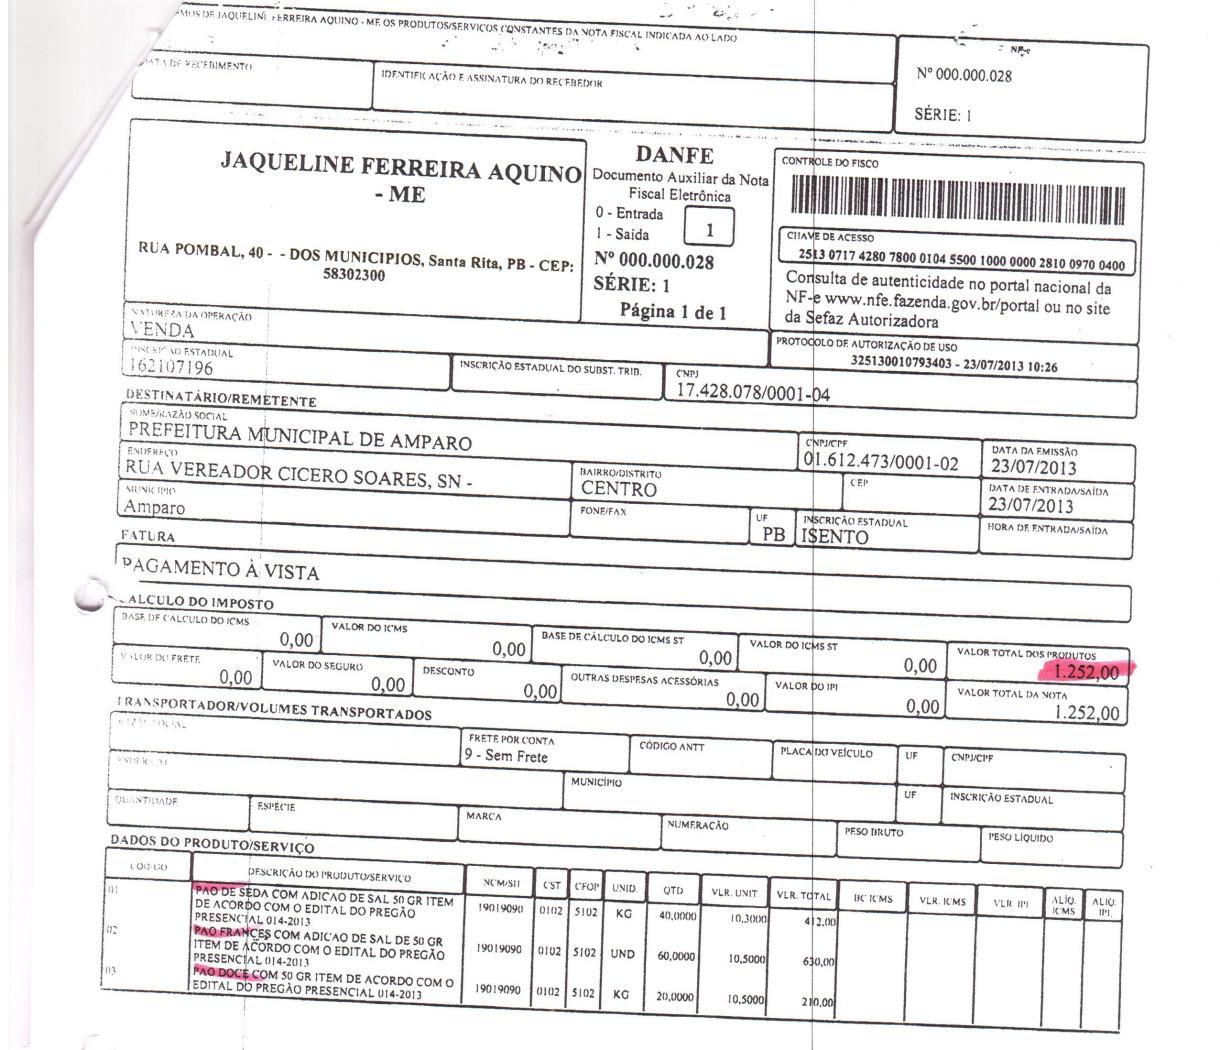 PÃES-1-001-2 Vereador denuncia prefeito de Amparo por comprar Pão no município de Santa Rita com valor superior ao do município e região